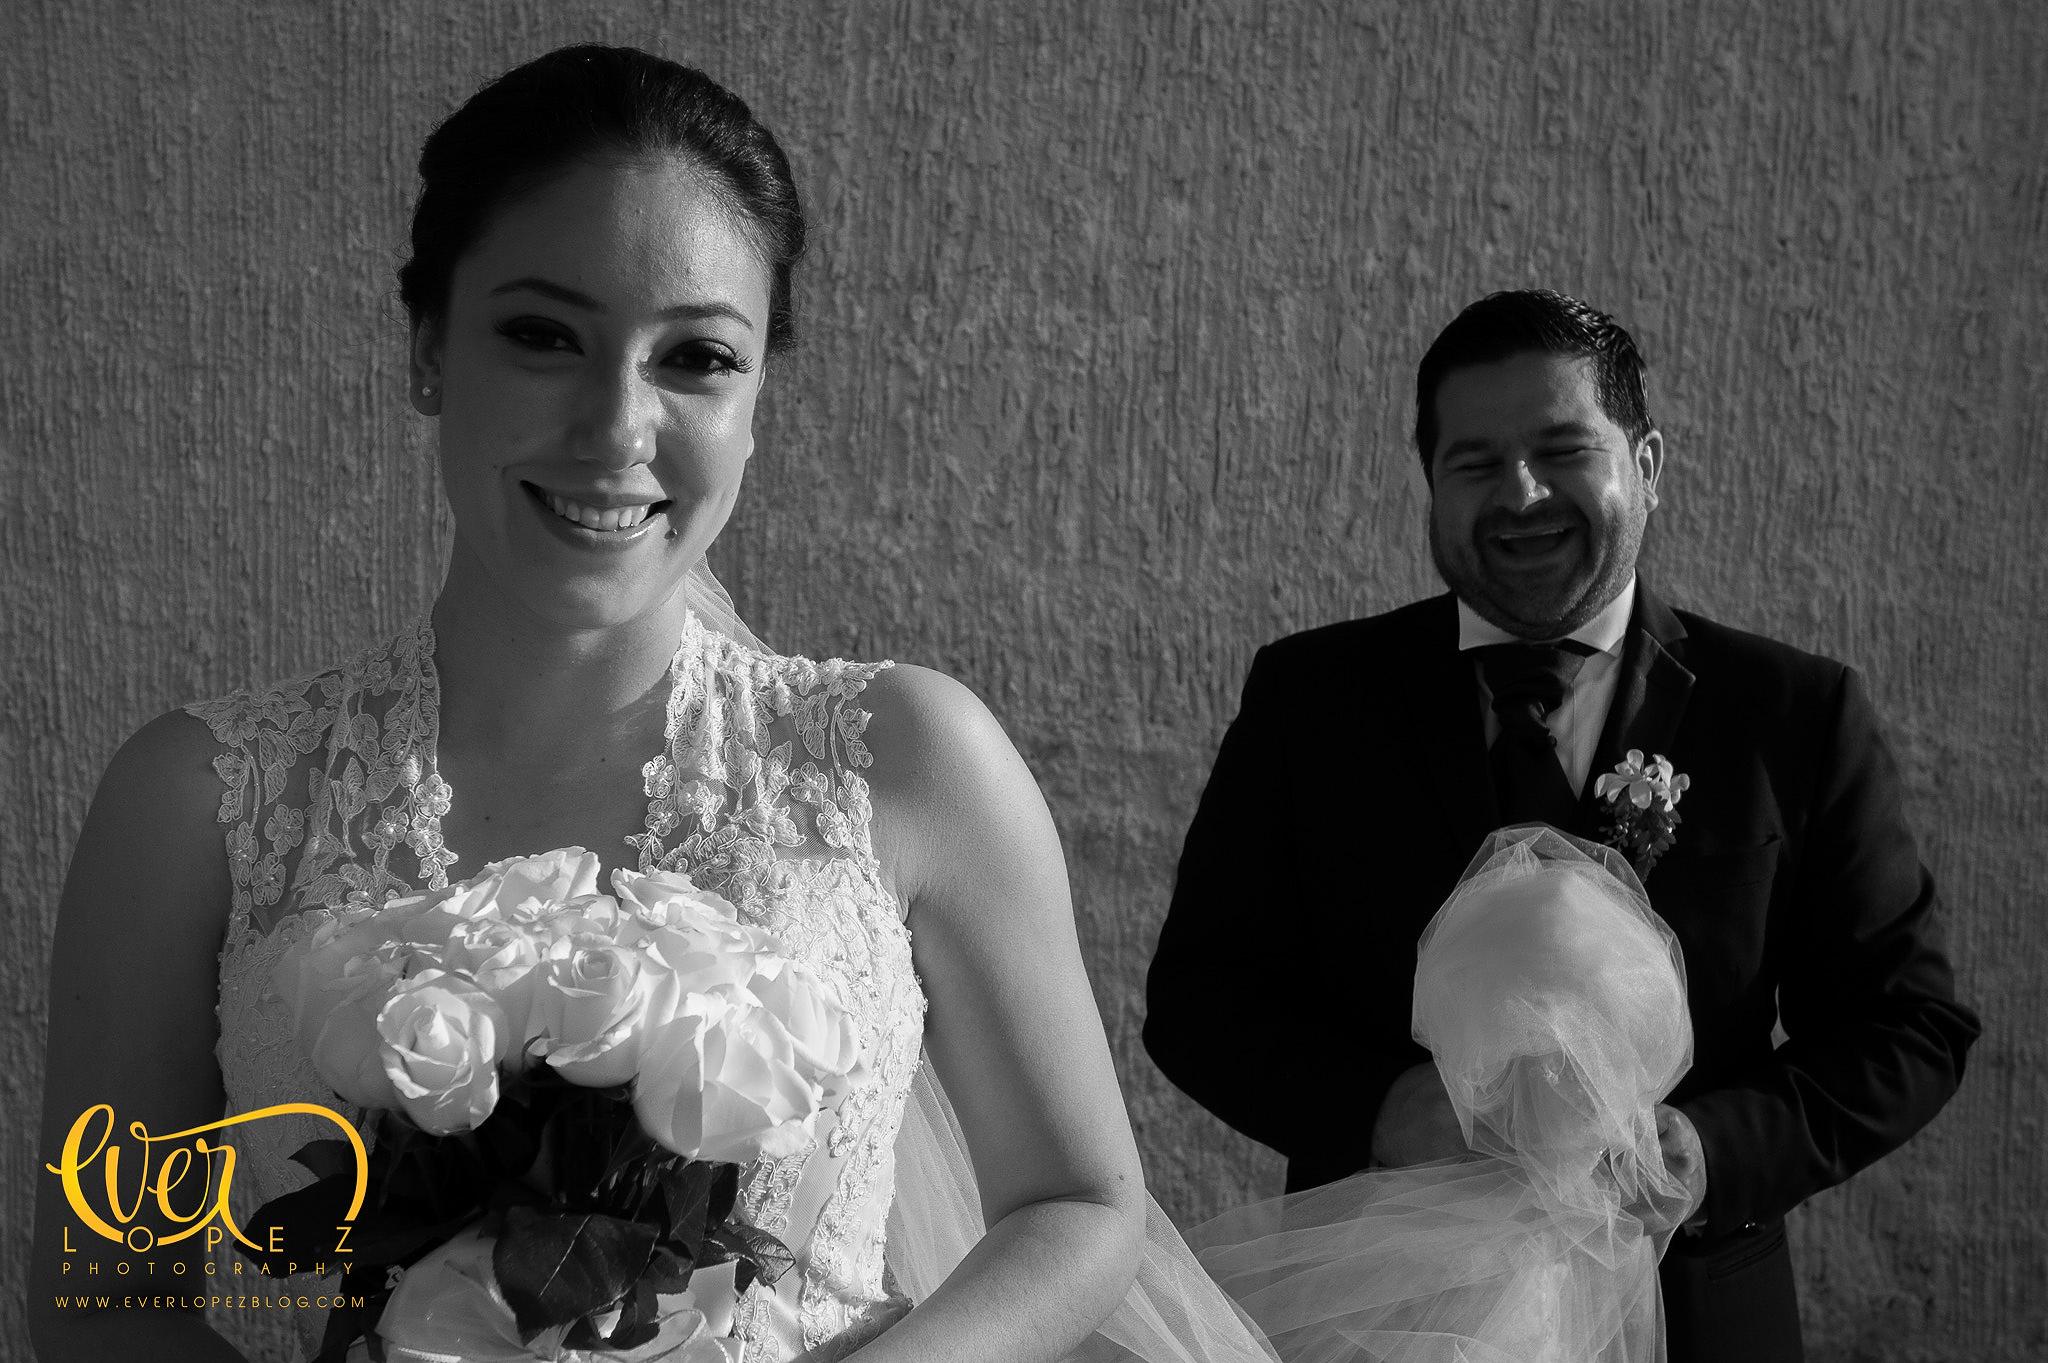 fotografo de boda Ciudad Guzman, Jalisco, Mexico